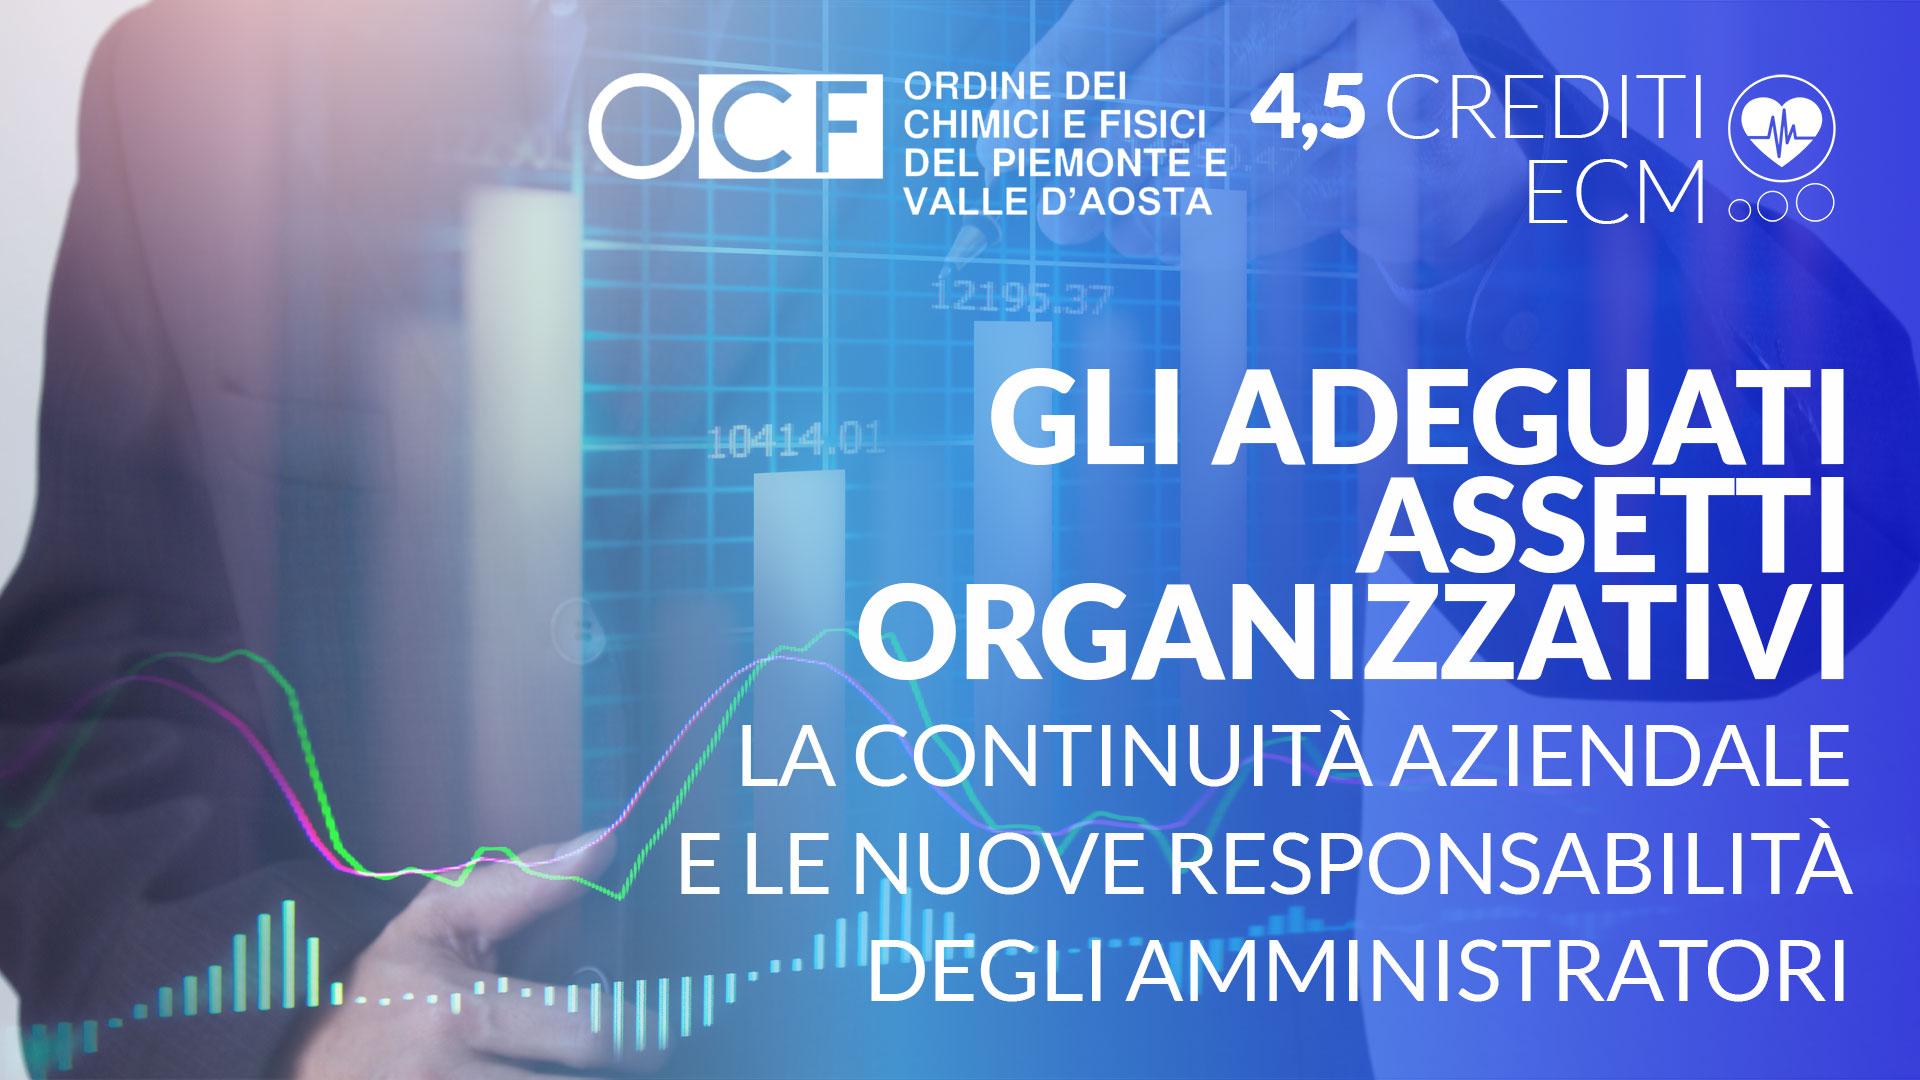 Gli adeguati assetti organizzativi, la continuità aziendale e le nuove responsabilità degli amministratori